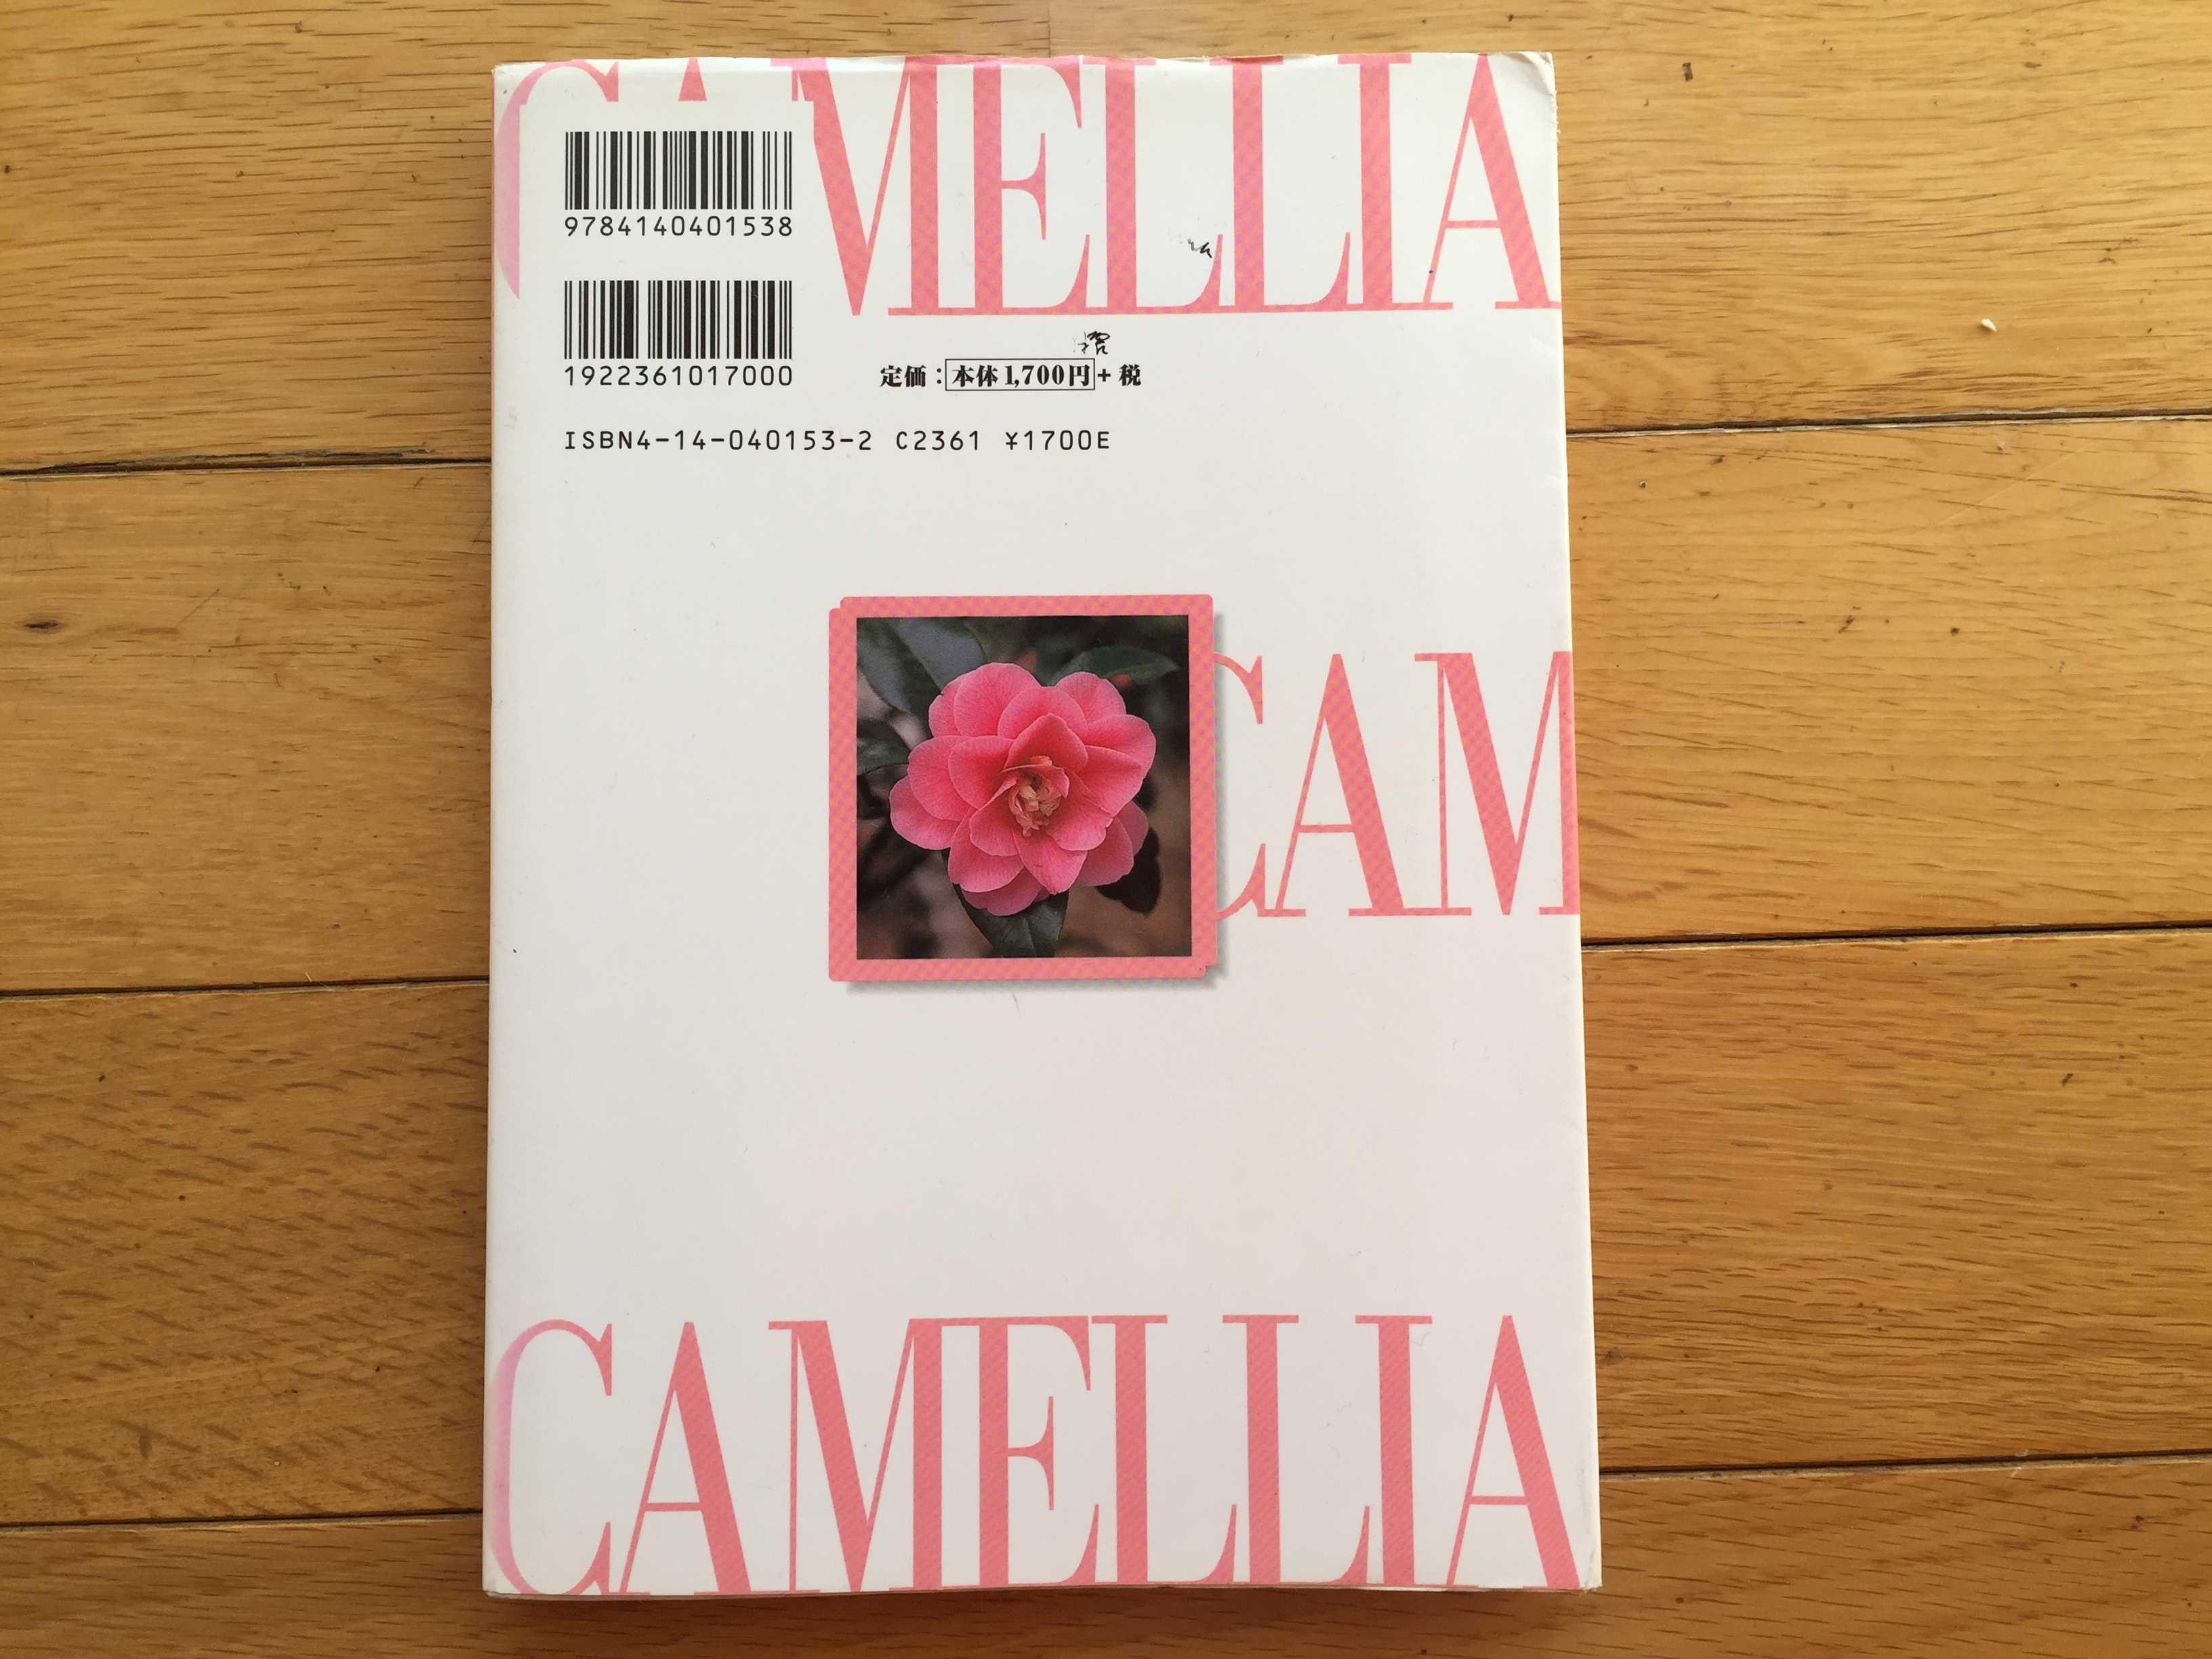 CAMMELLIA